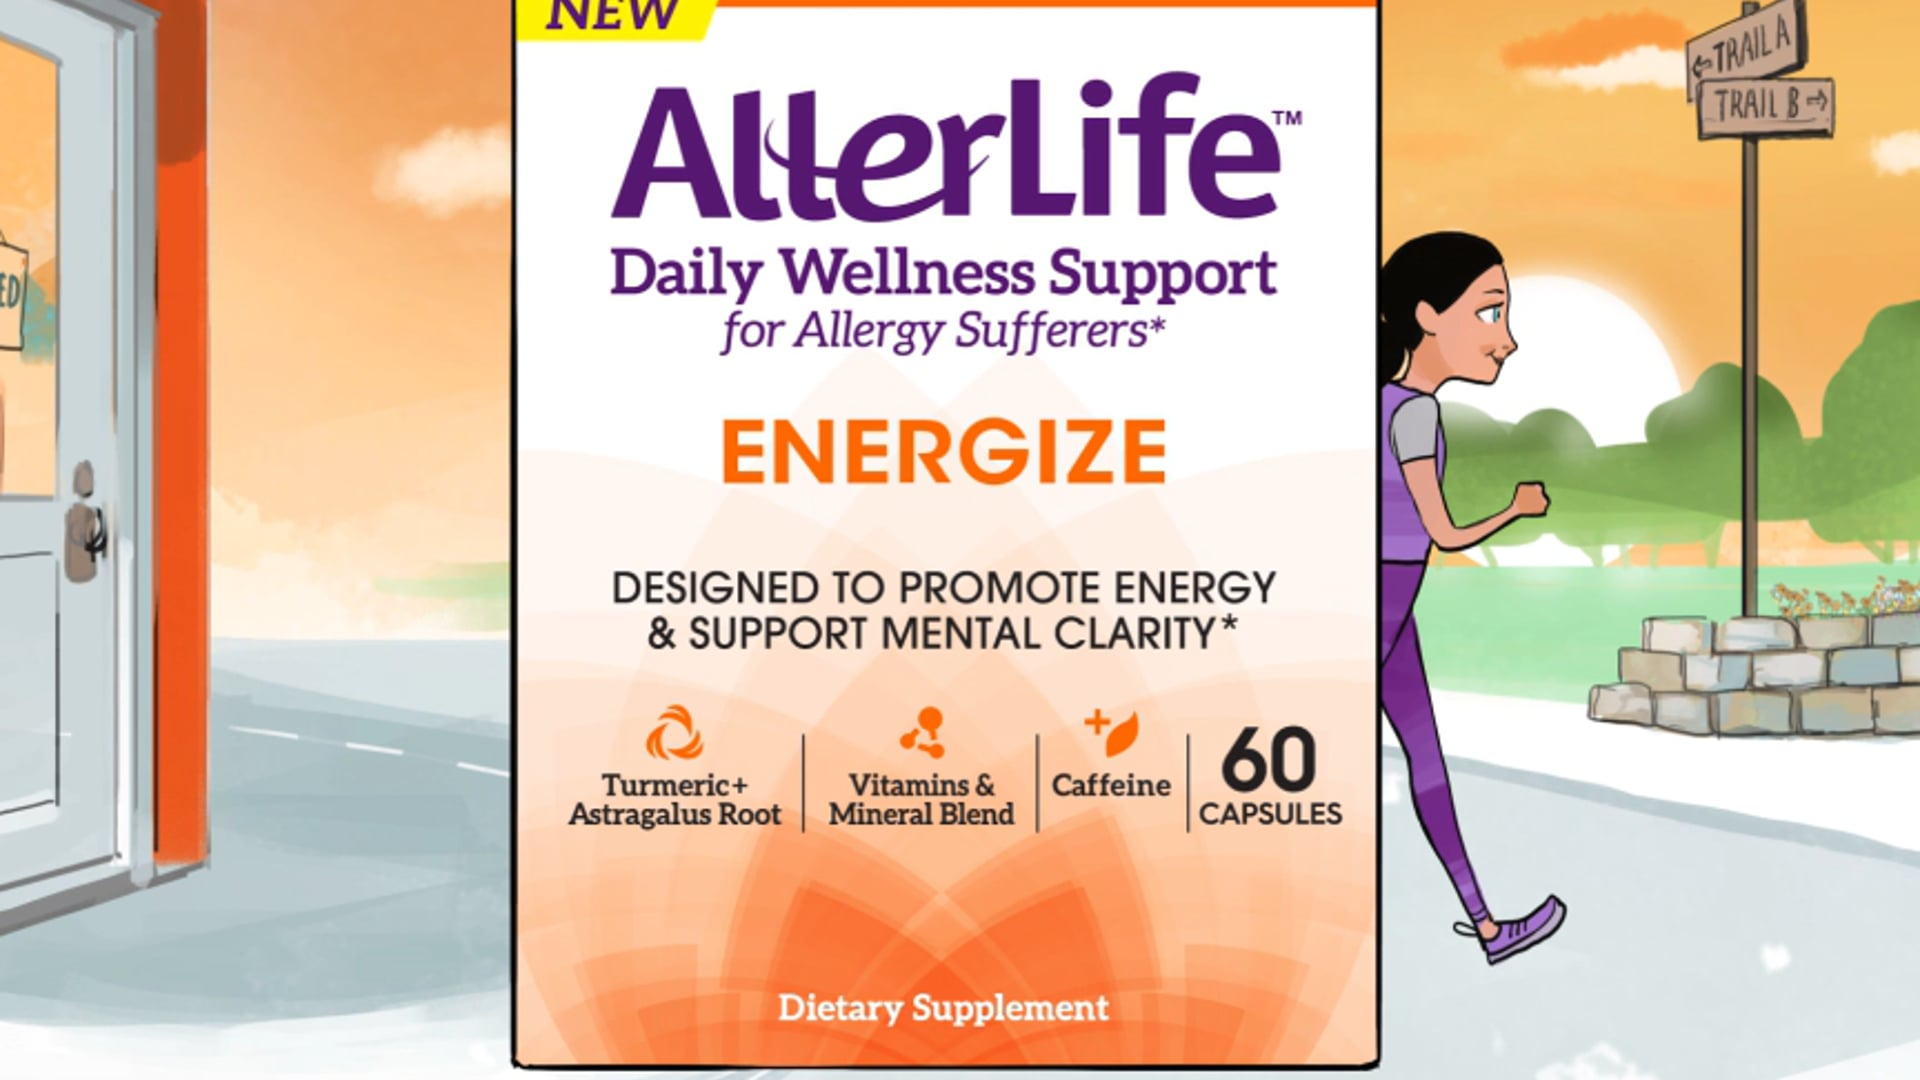 AllerLife Energize (4x5)